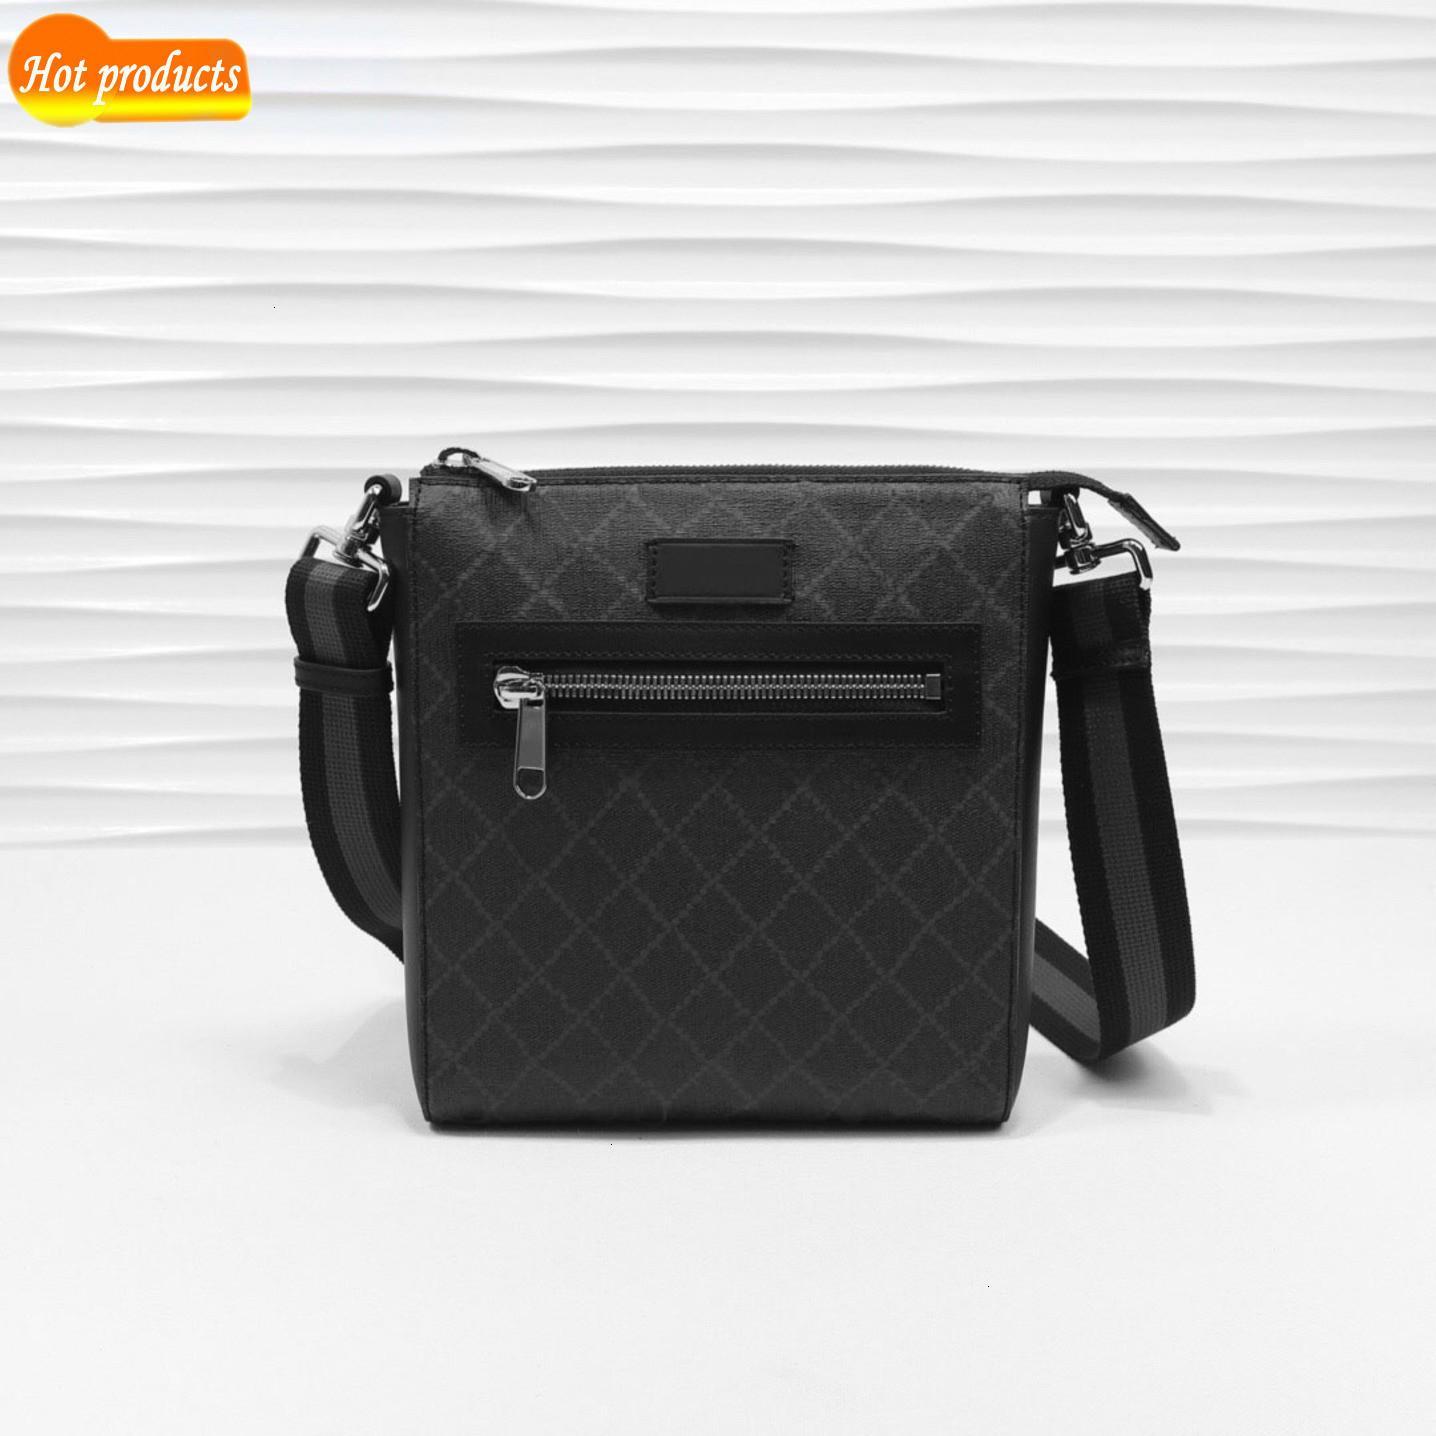 Klassische Männer Eine Umhängetasche Kreuzbeutel Kleine Umhängetasche Tasche, Größe: 21 * 23.5 * 4,5 cm, Kostenloser Versand